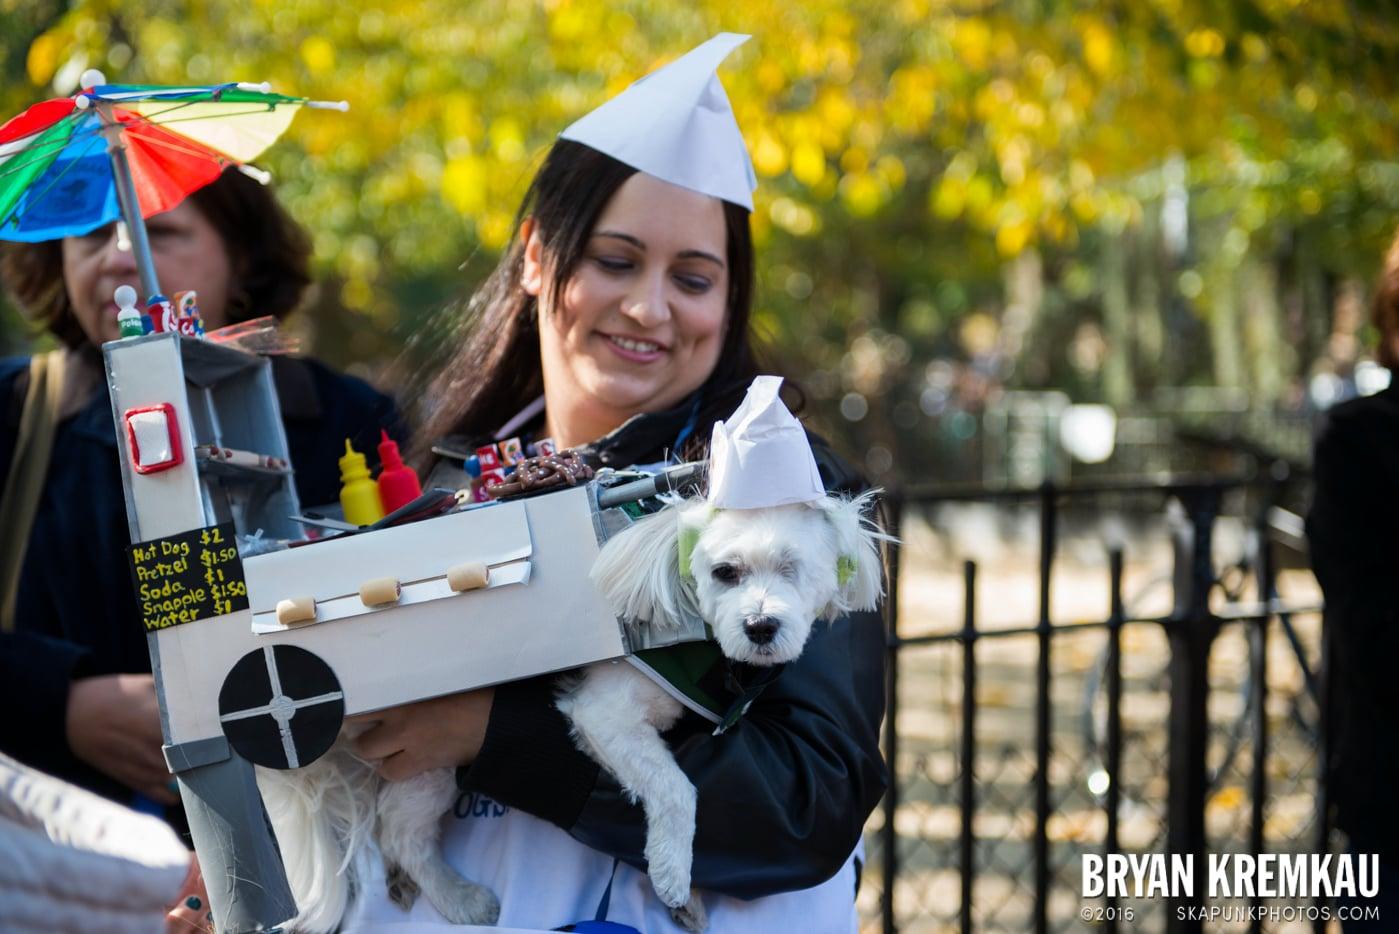 Tompkins Square Halloween Dog Parade 2013 @ Tompkins Square Park, NYC - 10.26.13 (65)